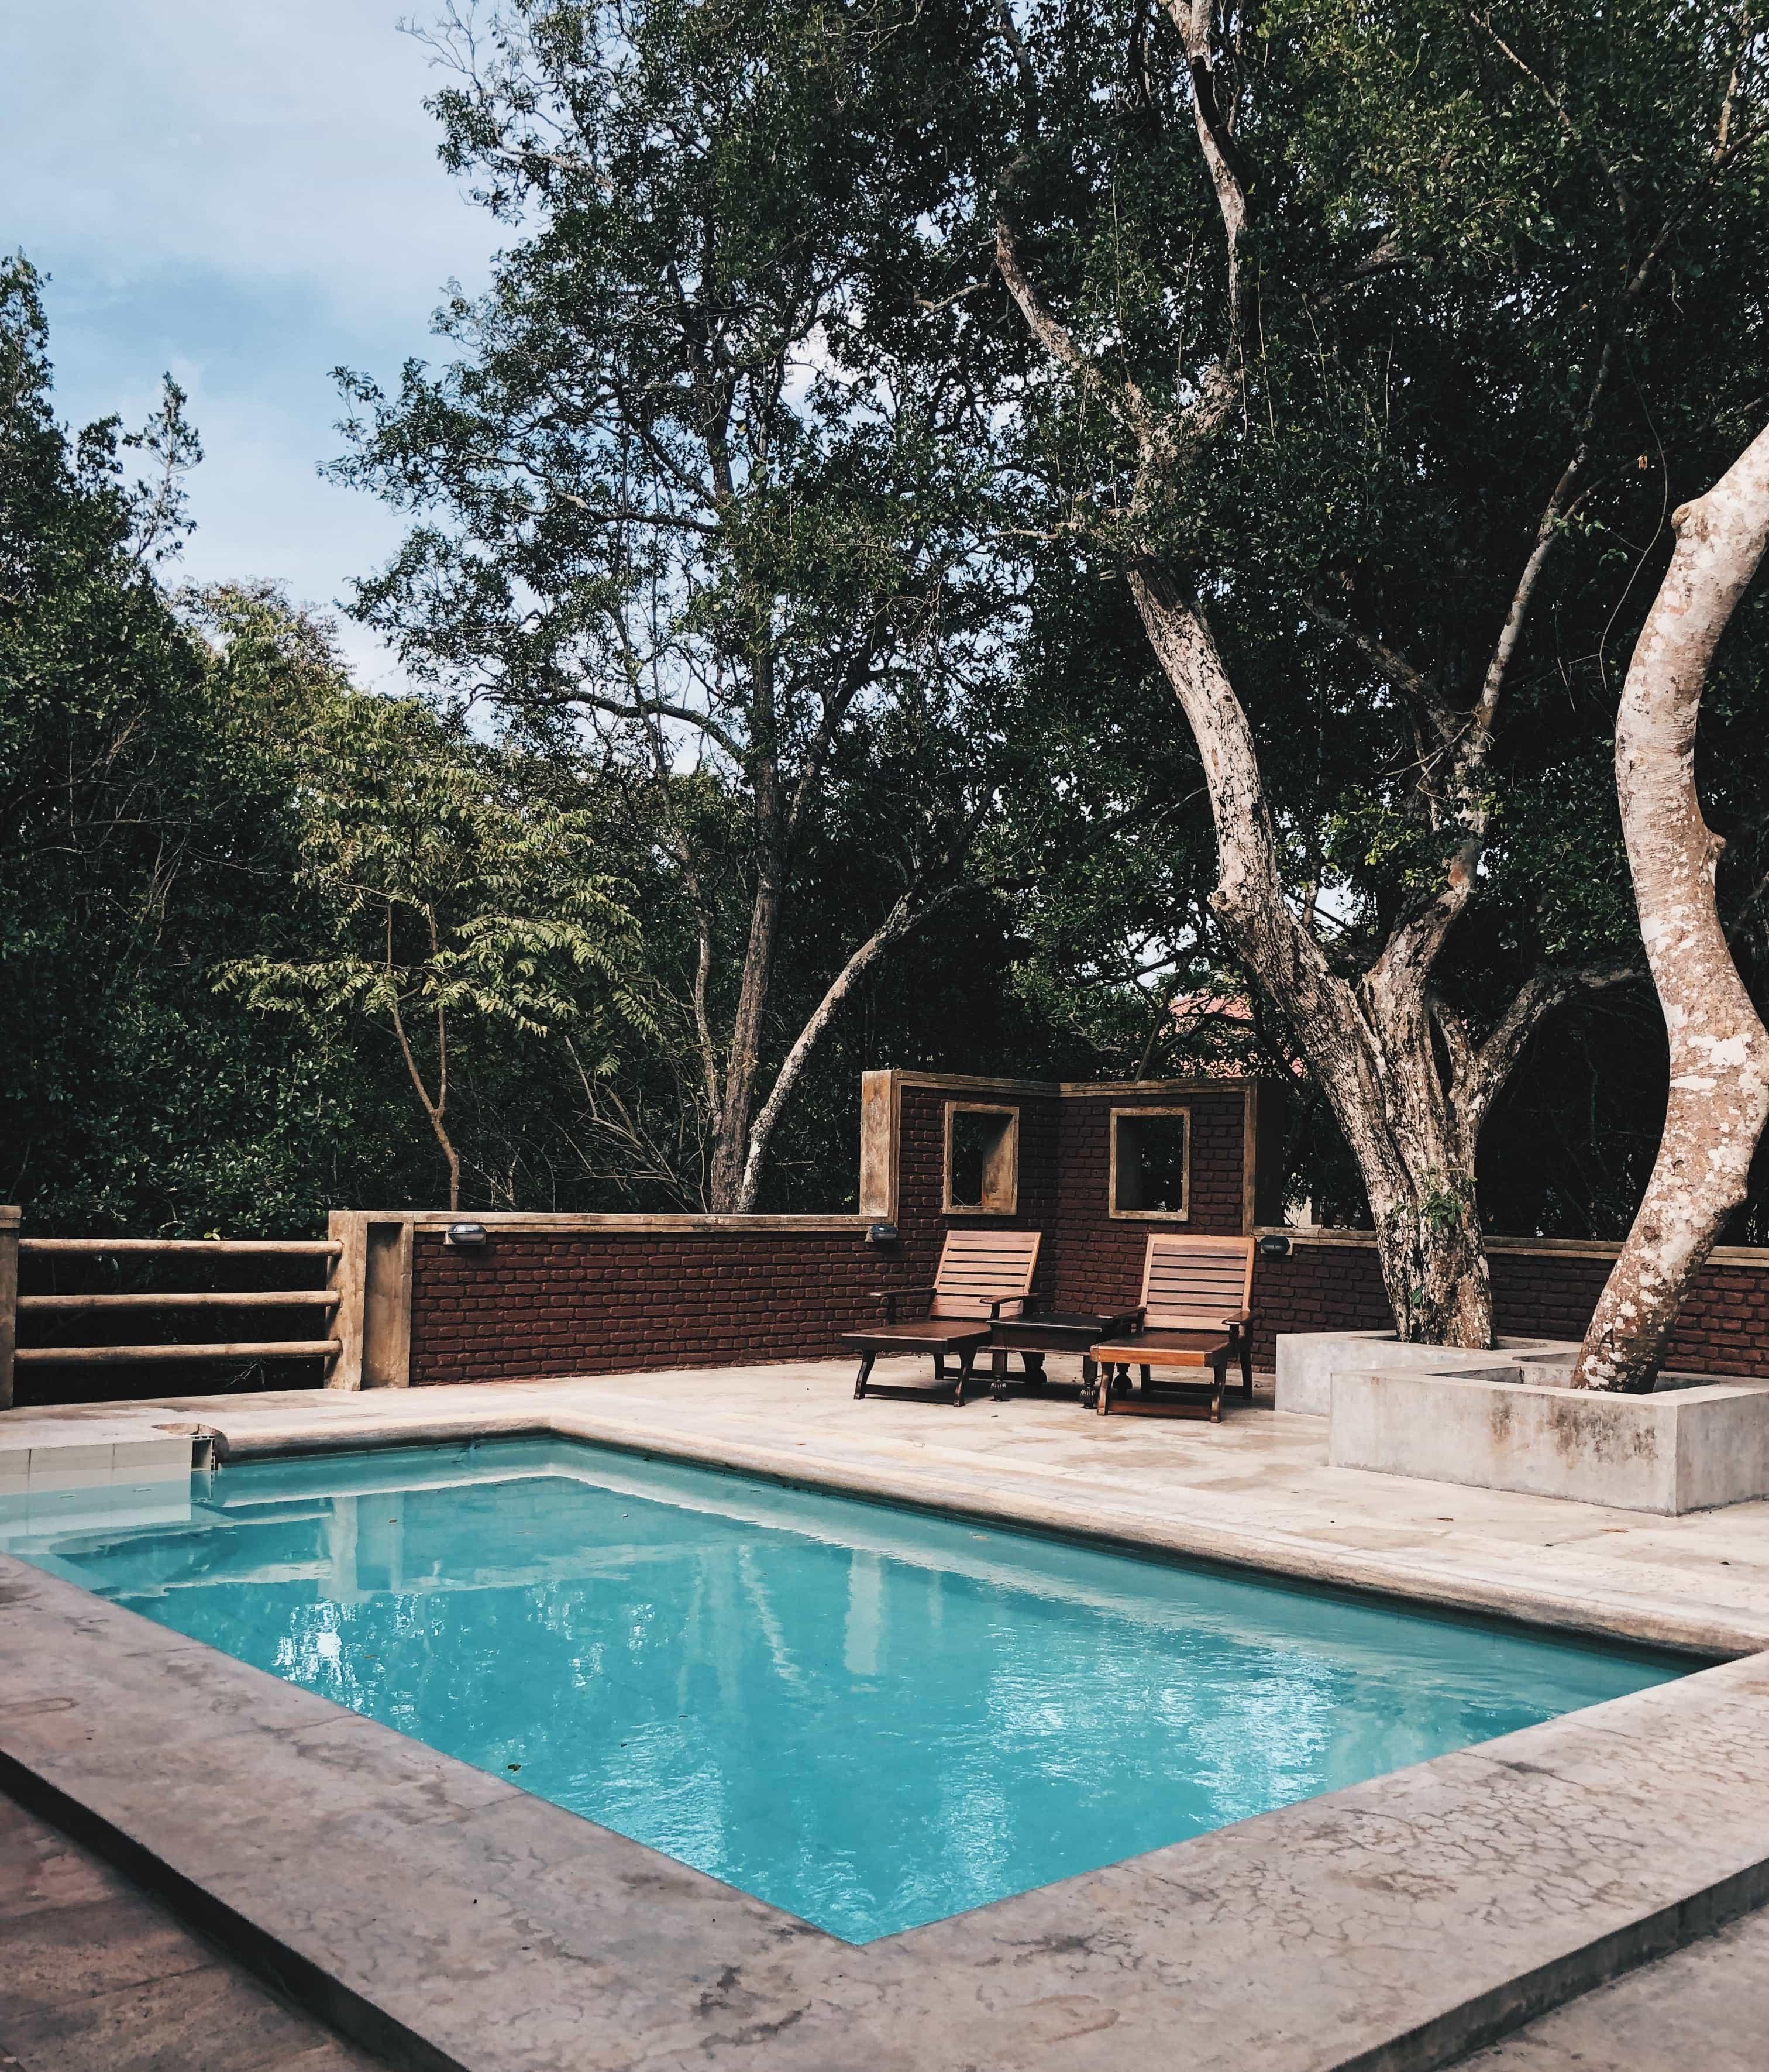 Eckiger Swimming Pool im Garten mit zwei Liegen